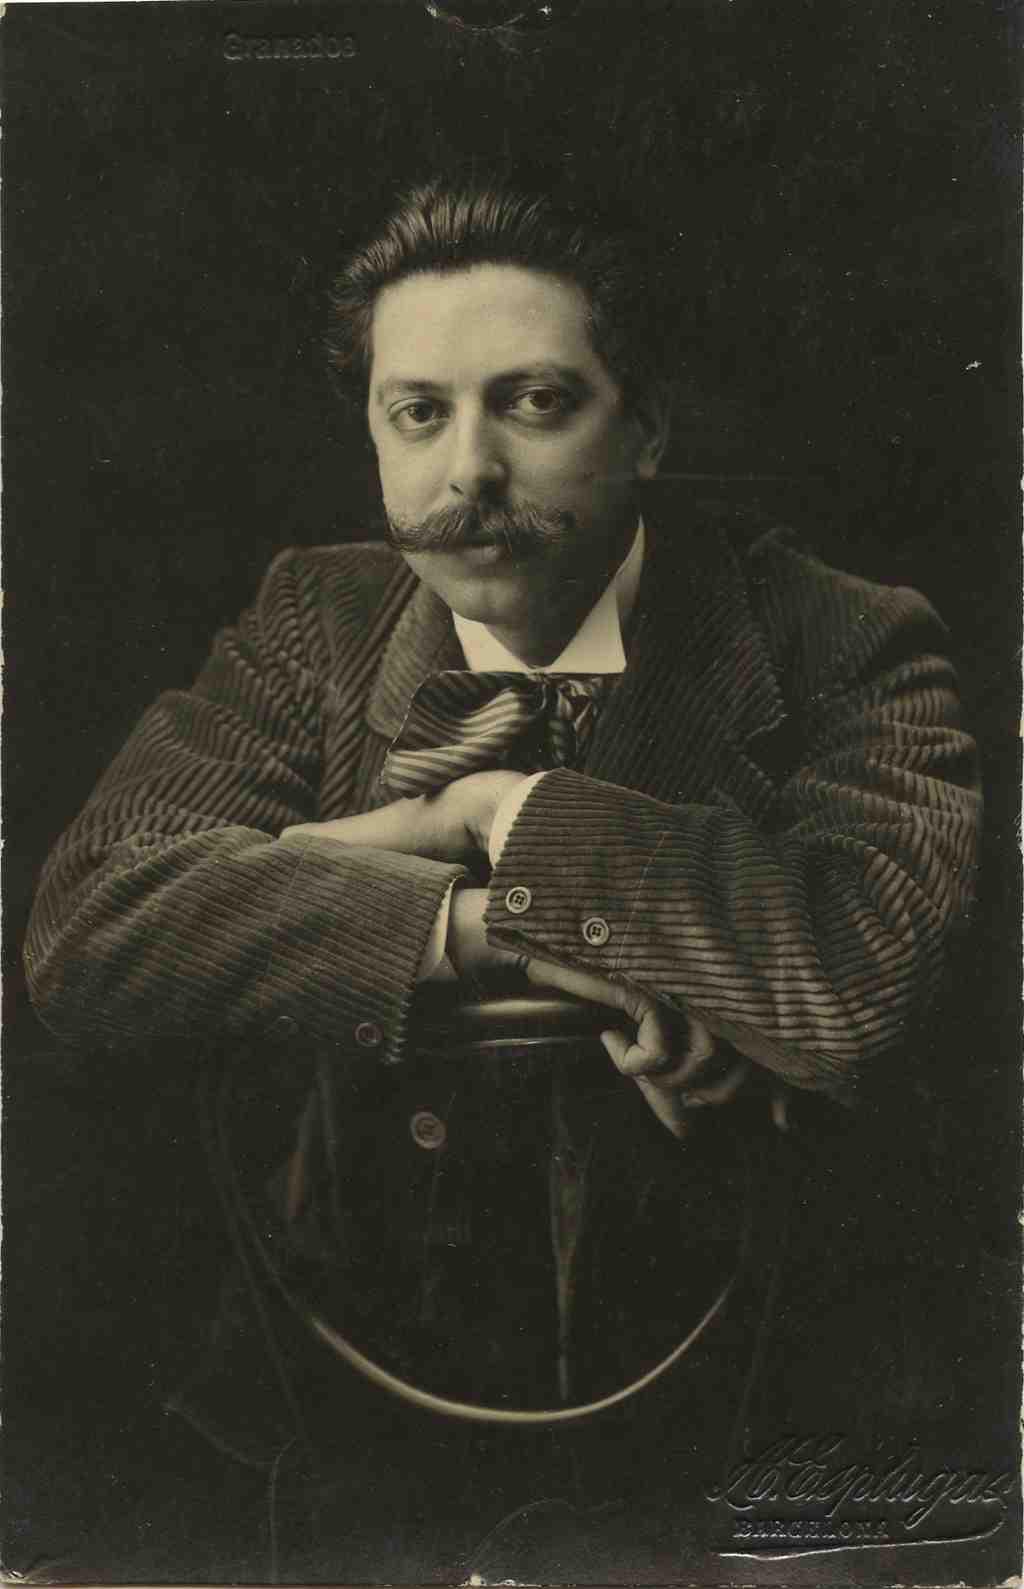 Retrat d'Enric Granados, fotografia d'Antoni Esplugues. Fons Adrià Gual